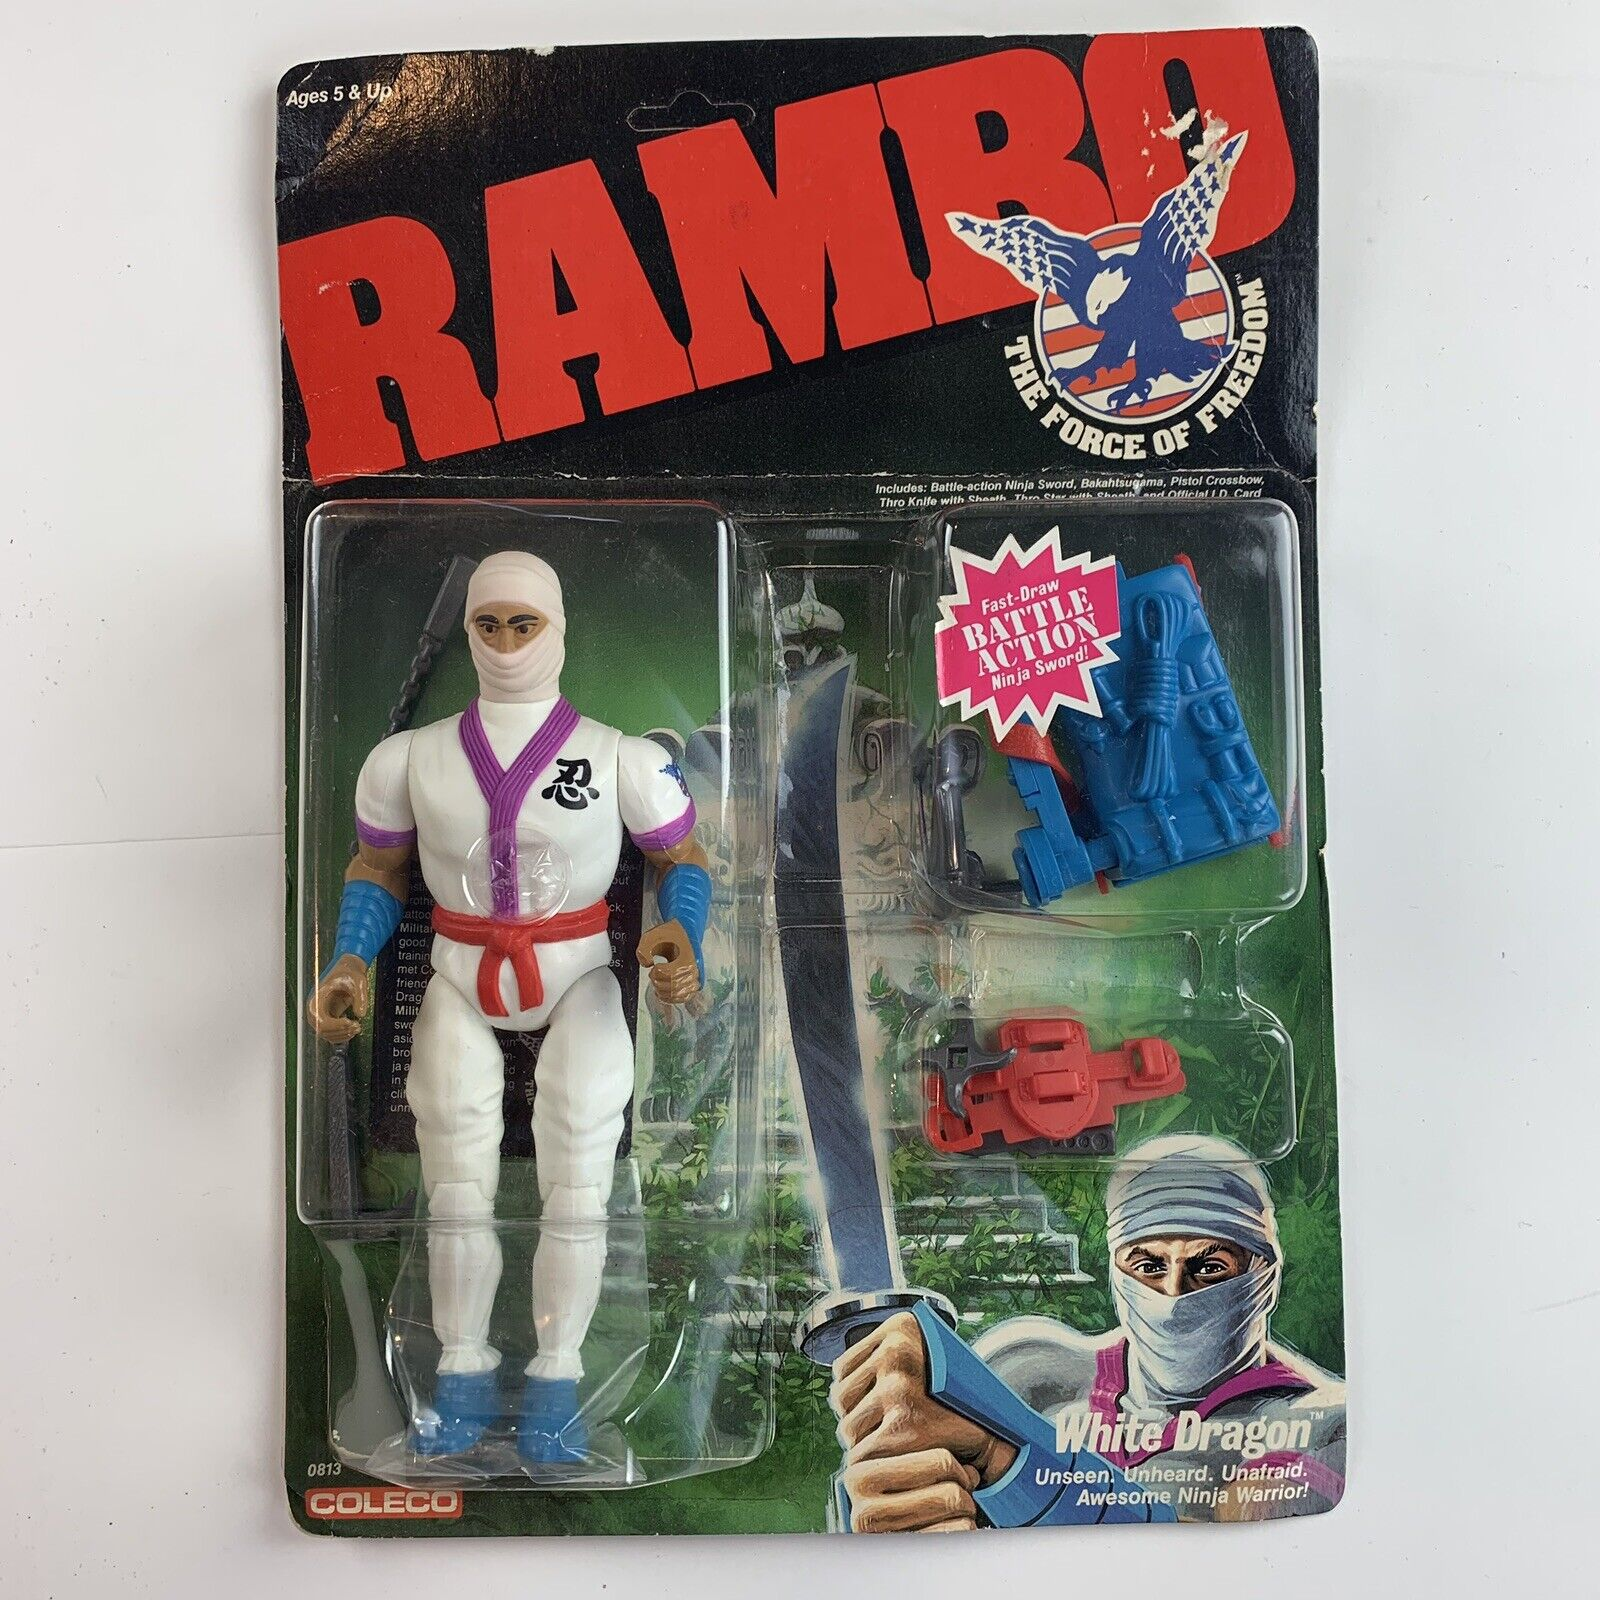 RAMBO The Force  of gratuitodom bianca Dragon cifra nuovo UNOPENED scatola  da non perdere!